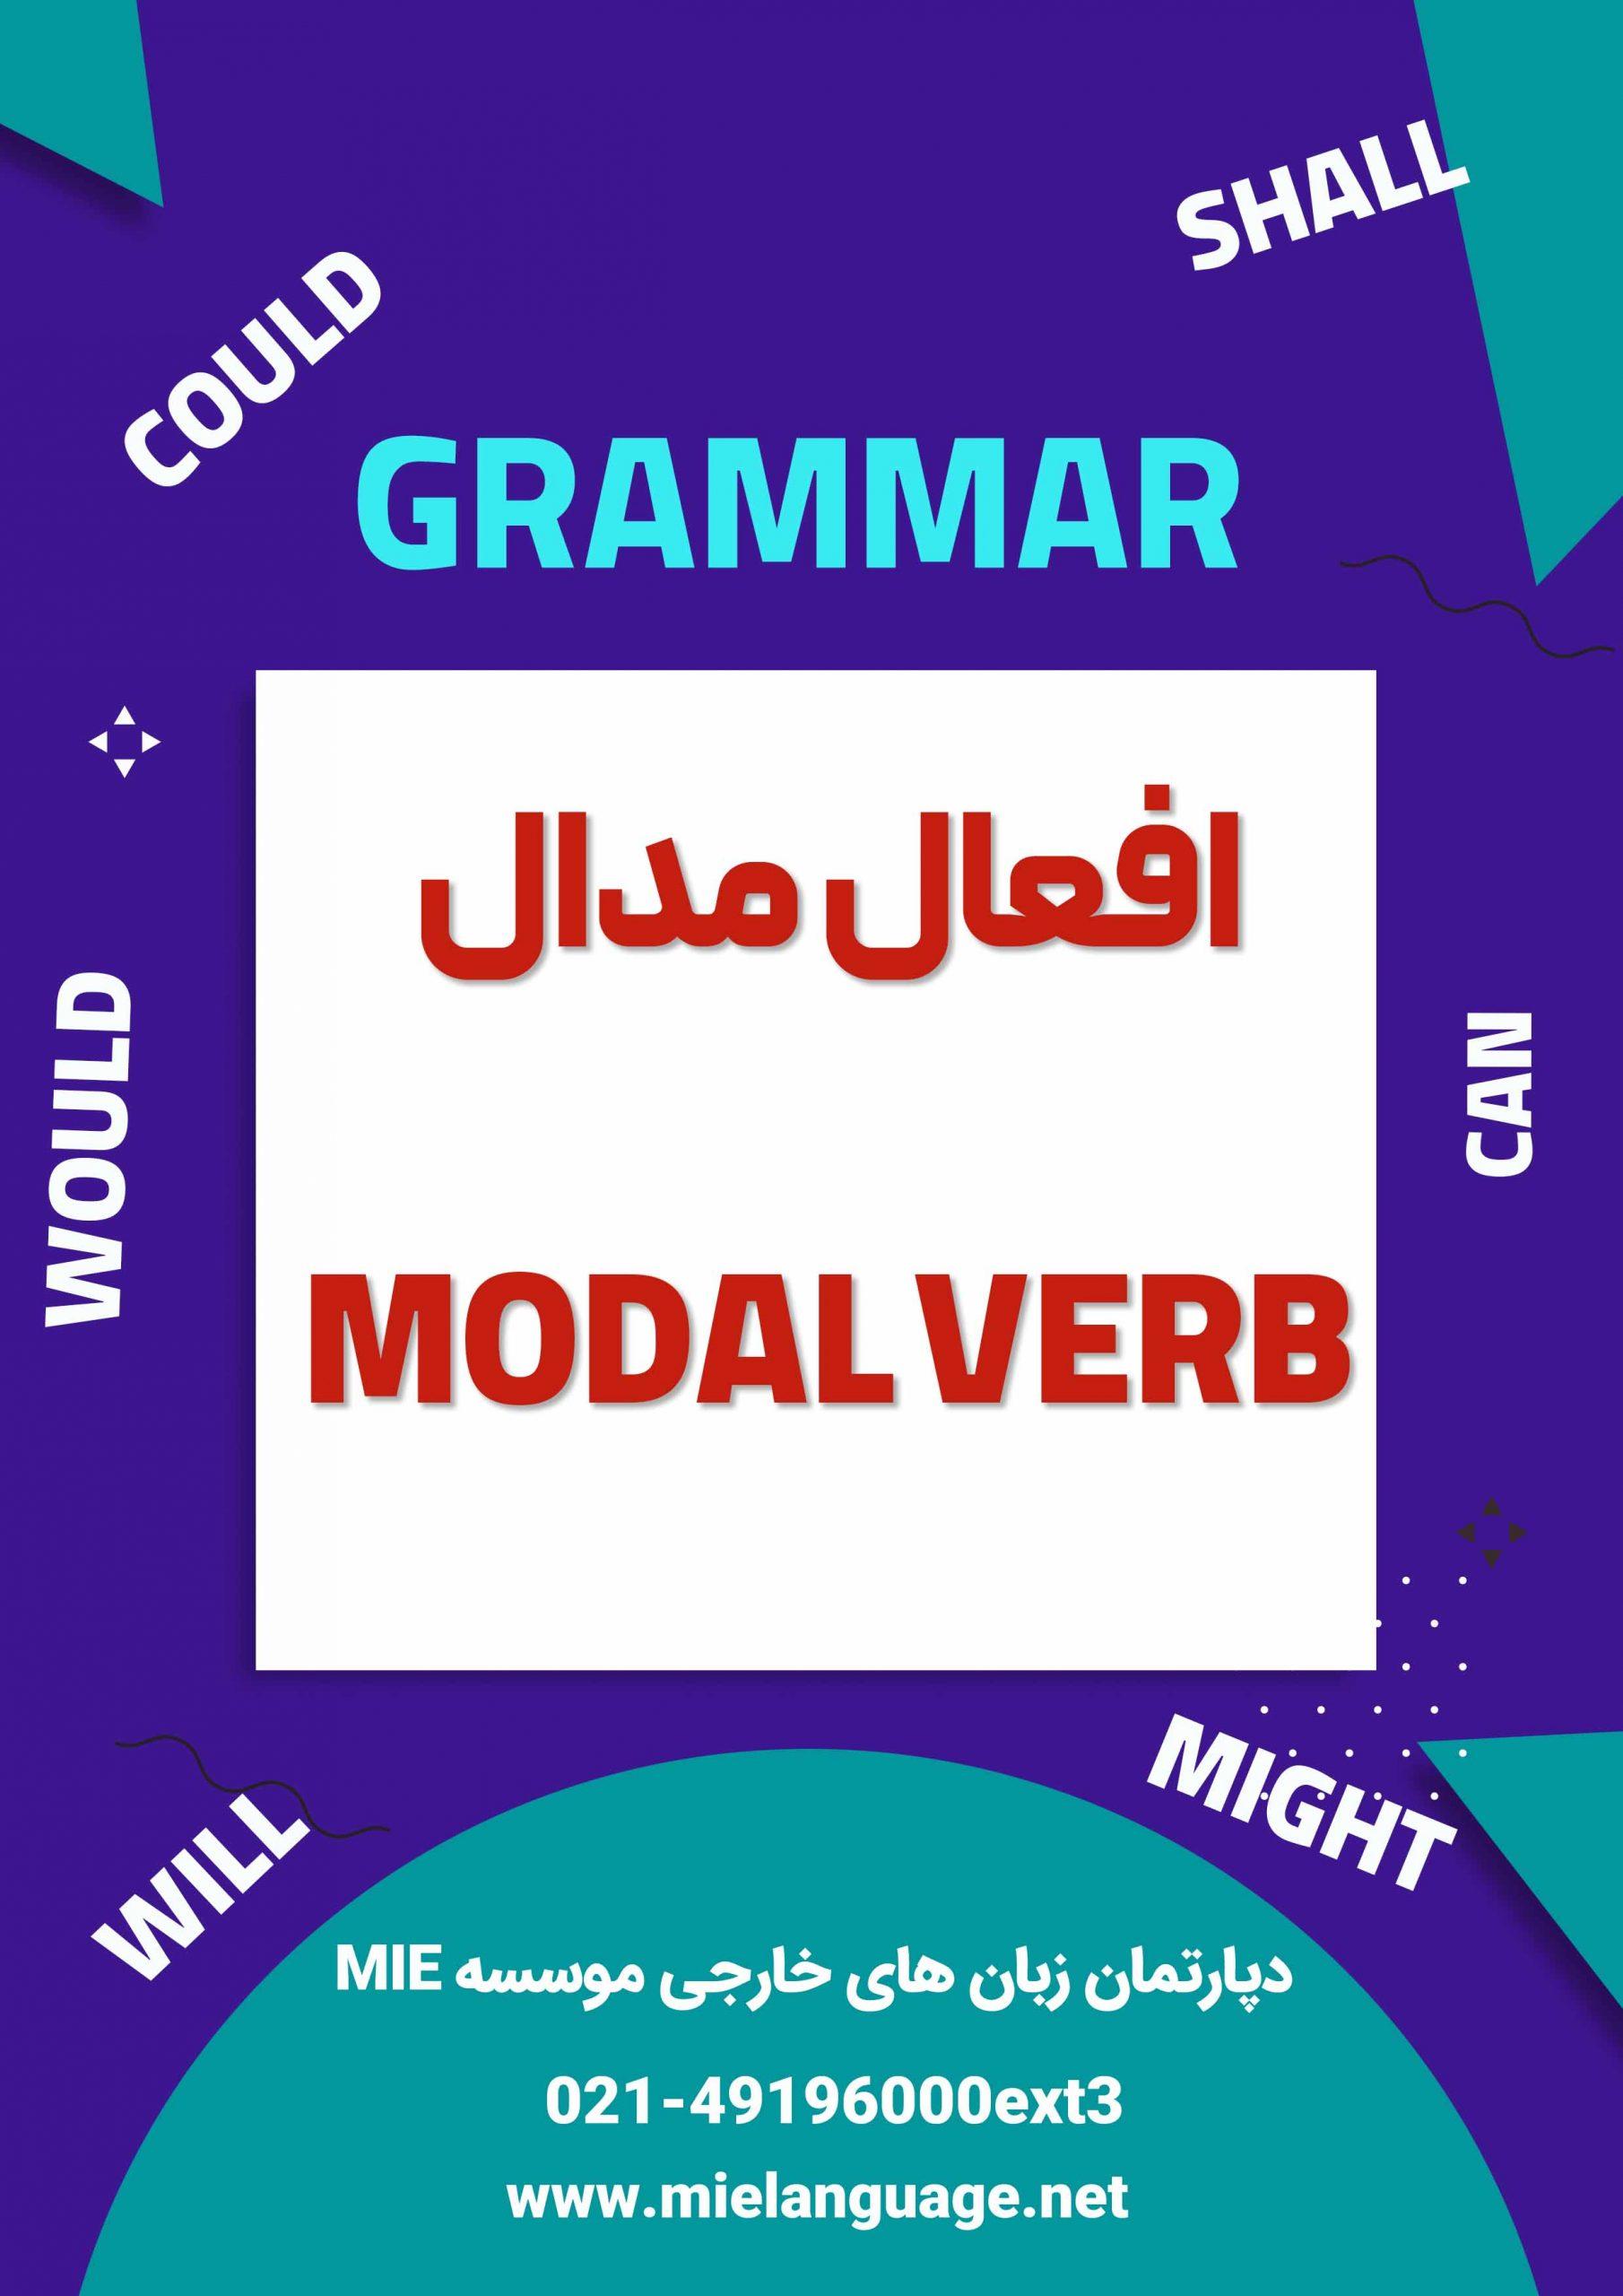 کاربرد modal ها و آموزش به زبان ساده افعال مدال در انگلیسی